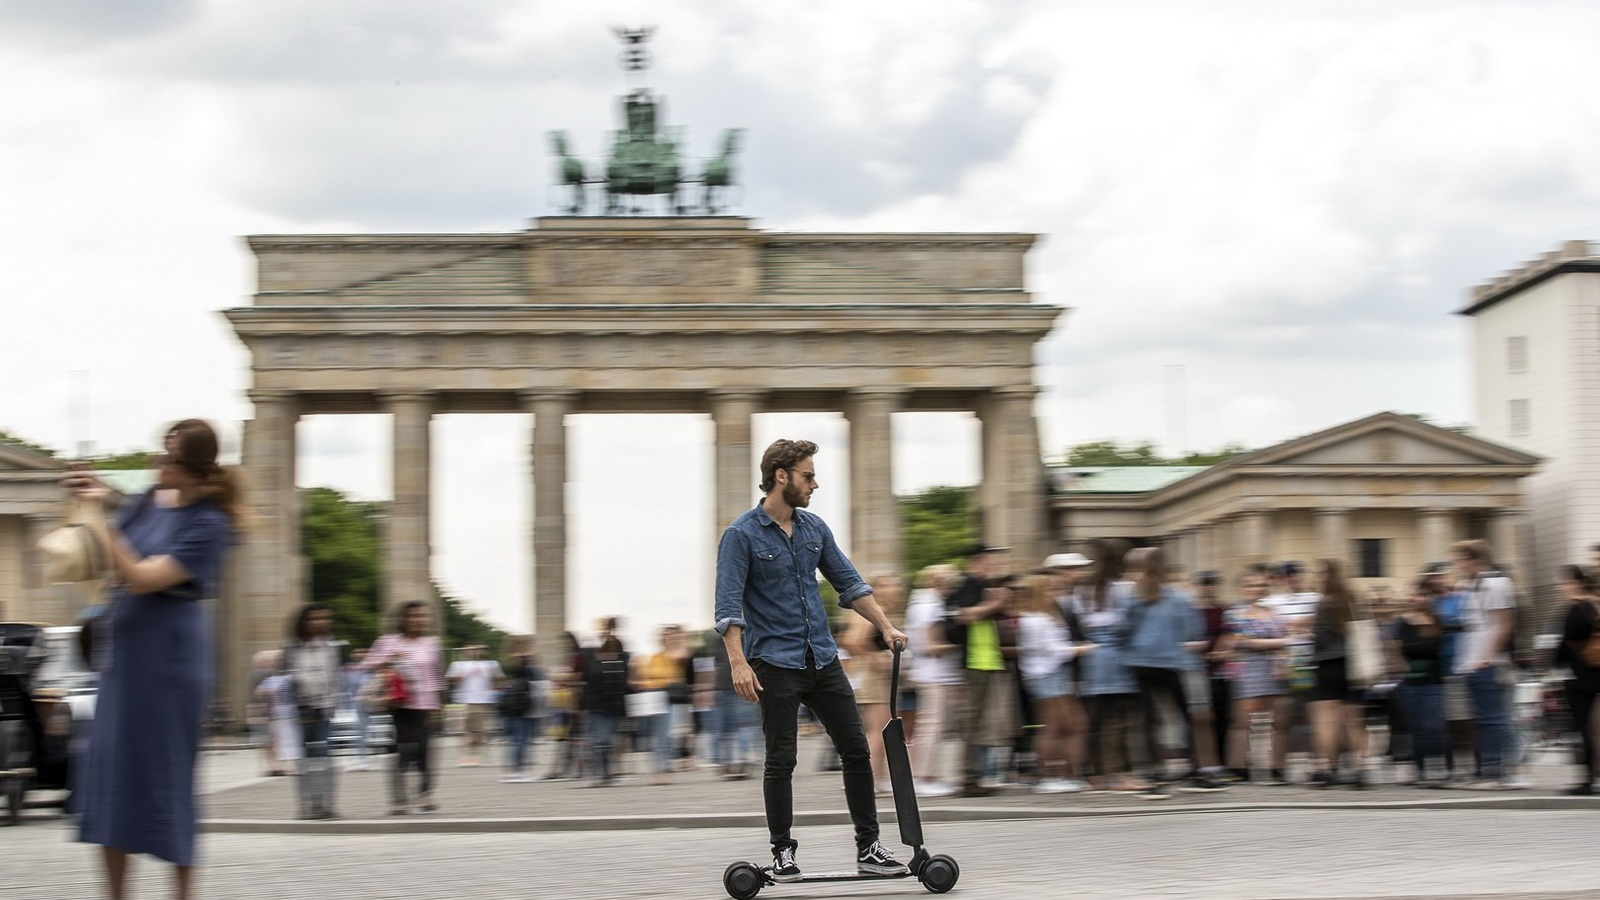 Октоберфест: сотни немцев лишились прав за езду в пьяном виде на… самокатах